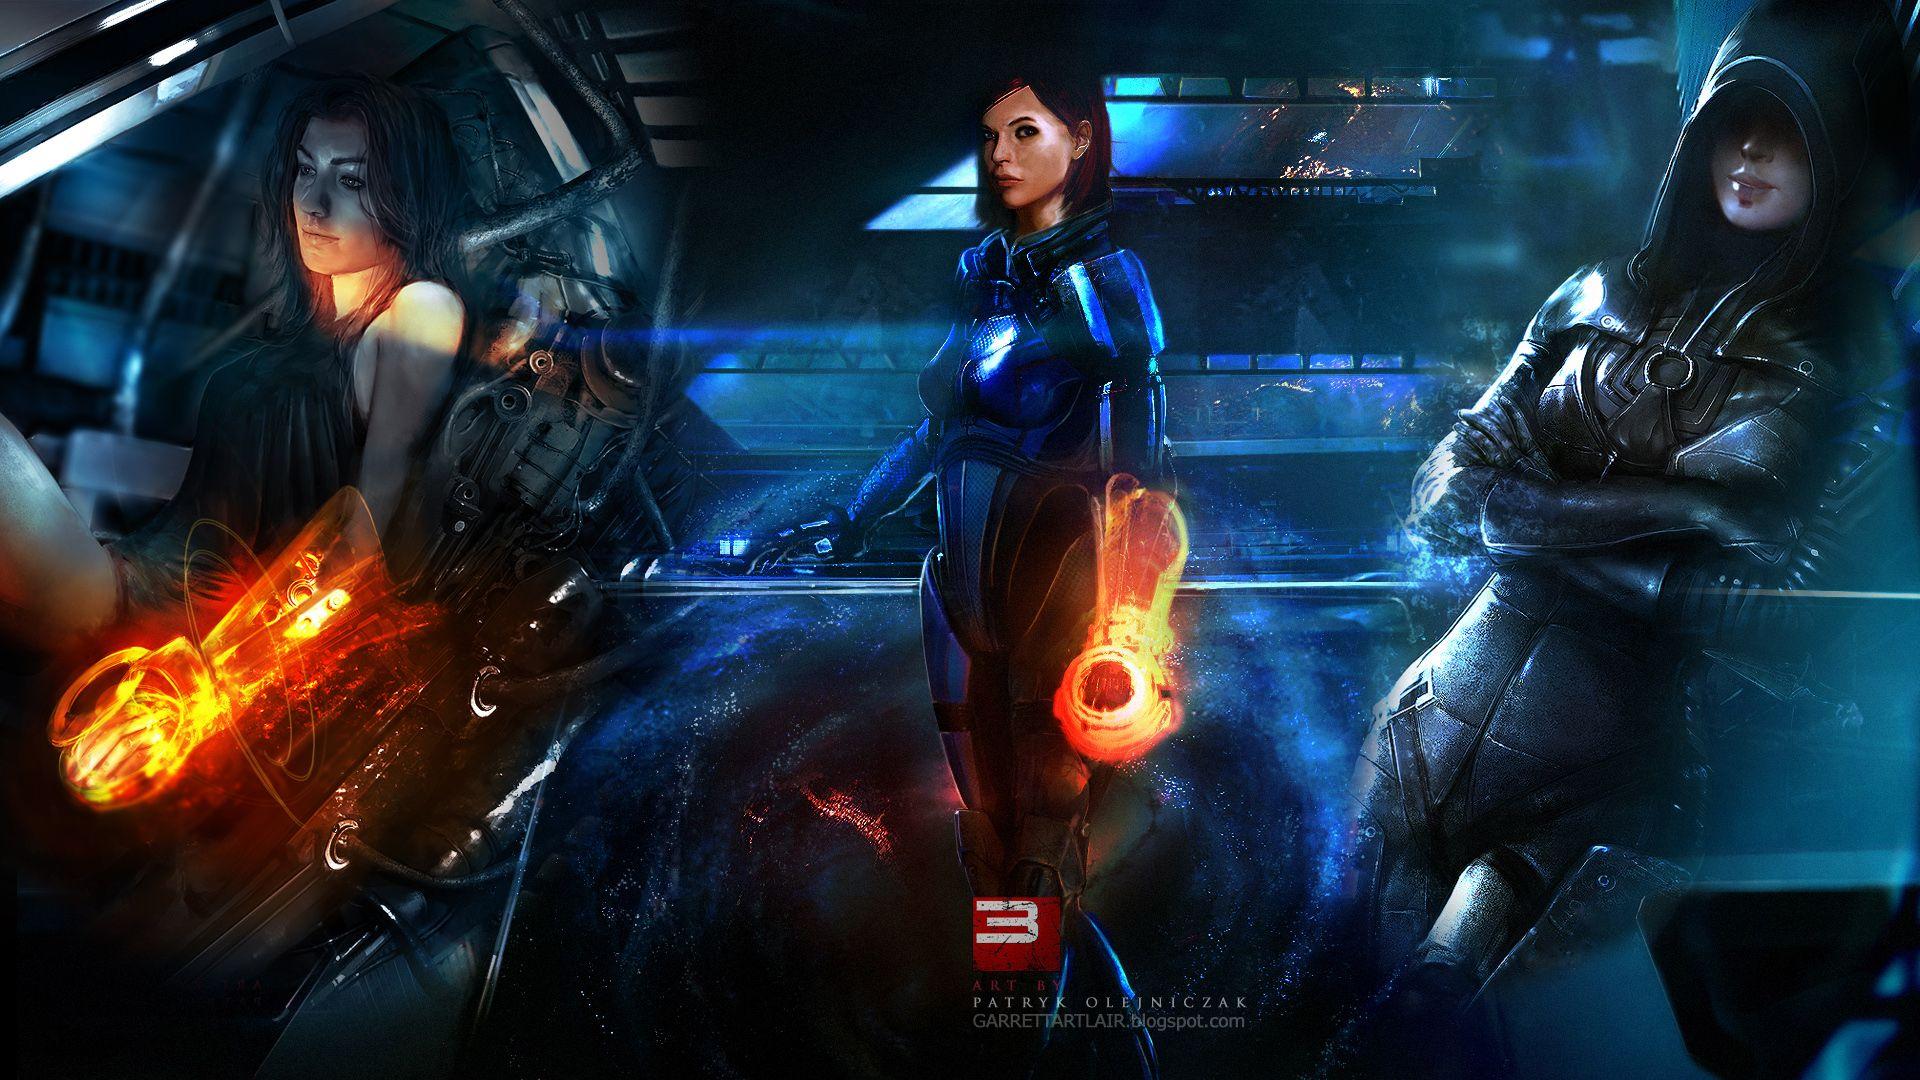 Pin by James Lee on Wallpaper | Mass Effect, Mass effect 3 ...